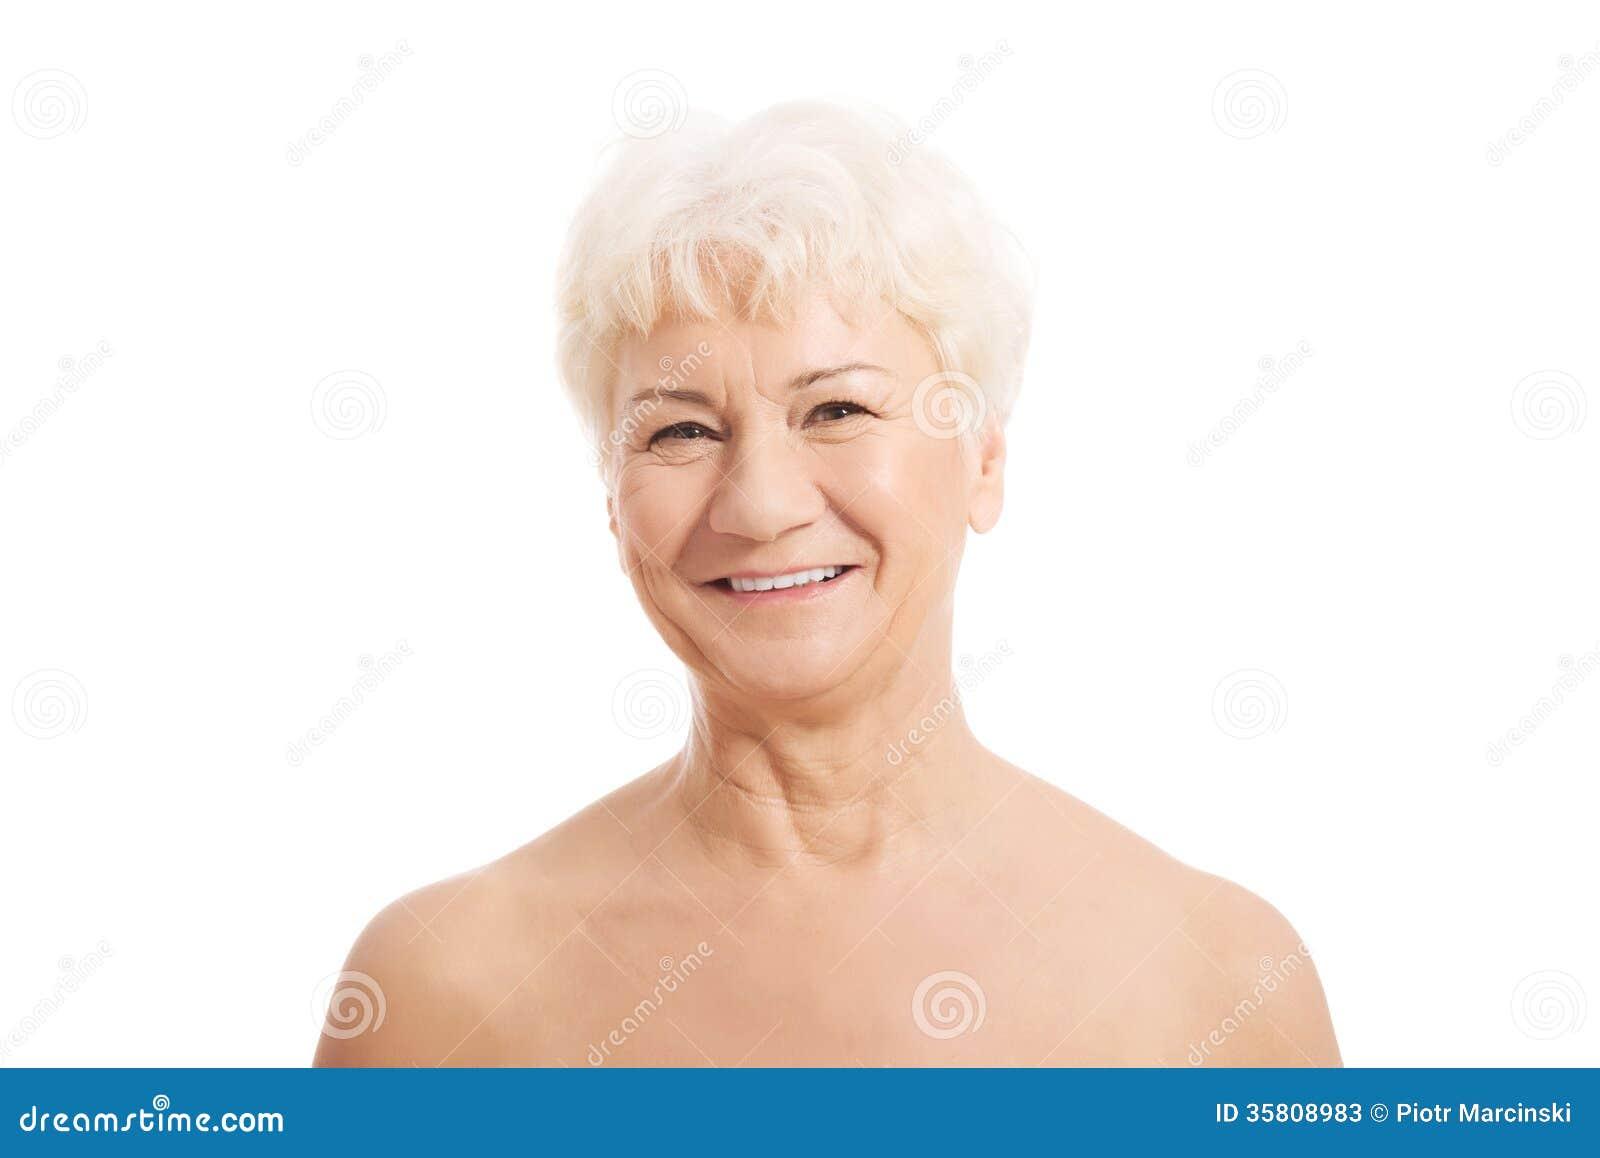 Images d'une femme nue